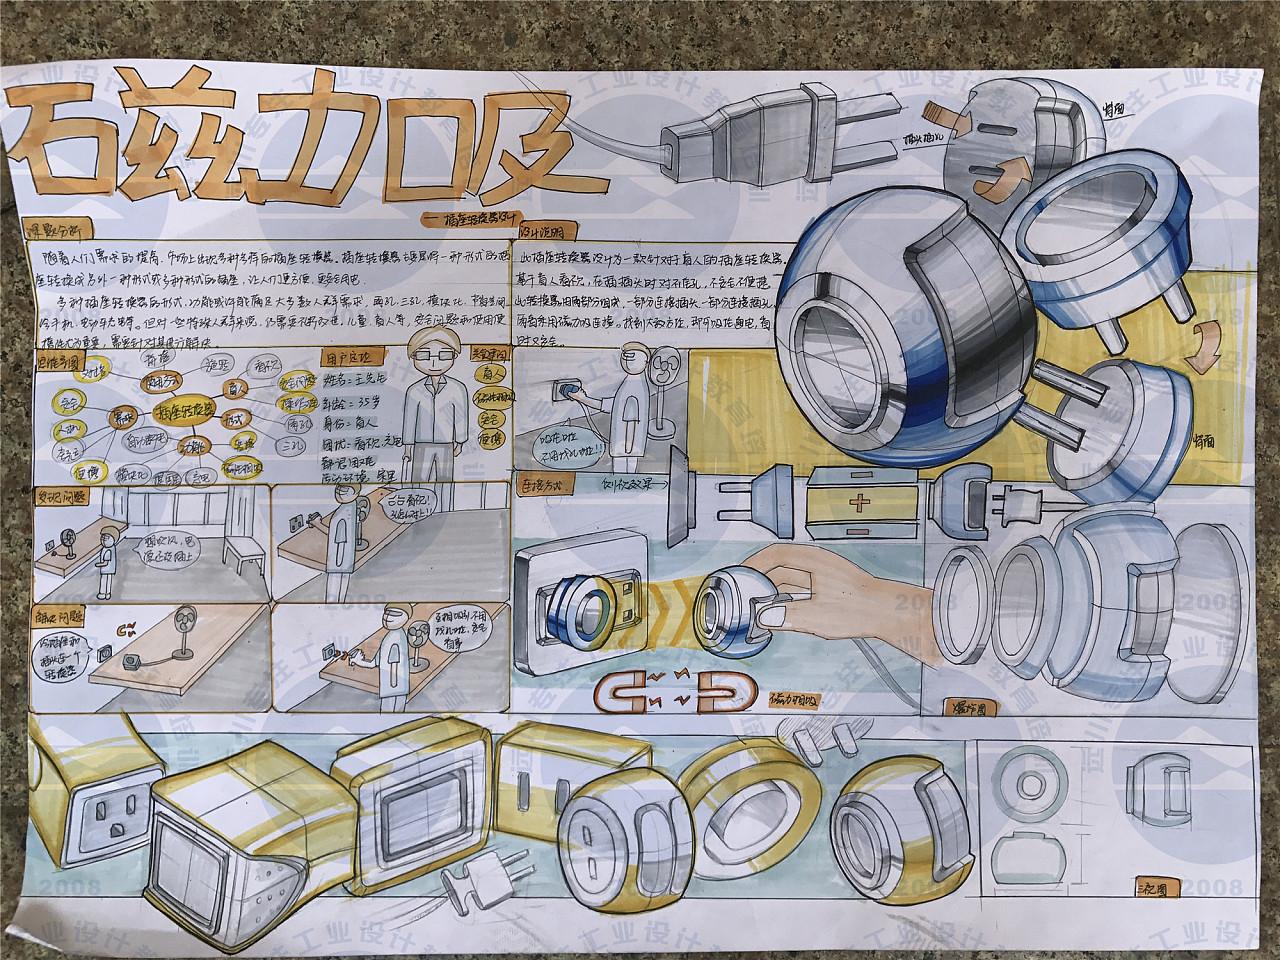 工业设计考研快题|工业/产品|其他工业/产品|zhang898